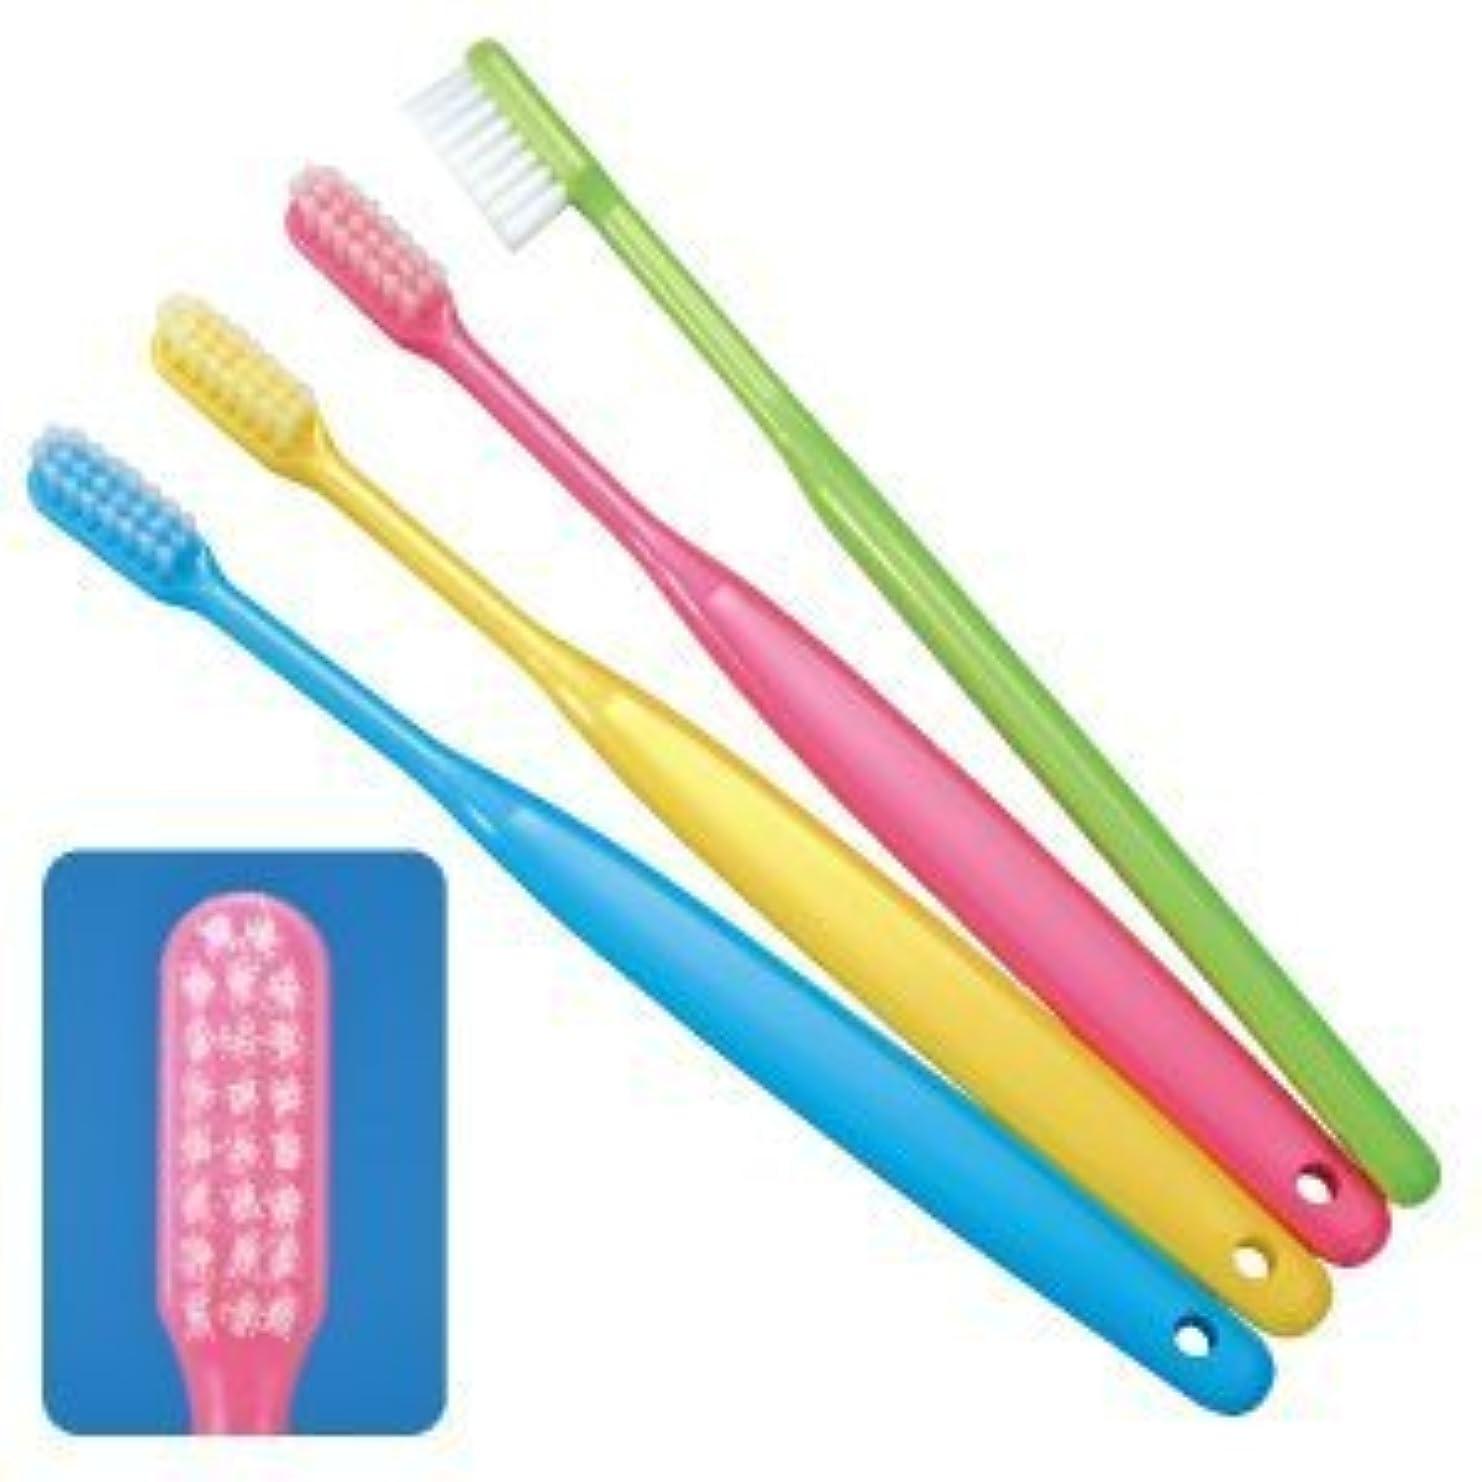 祖母製品最も遠いCi バリュー歯ブラシ Sやわらかめ ピンク 50本入り